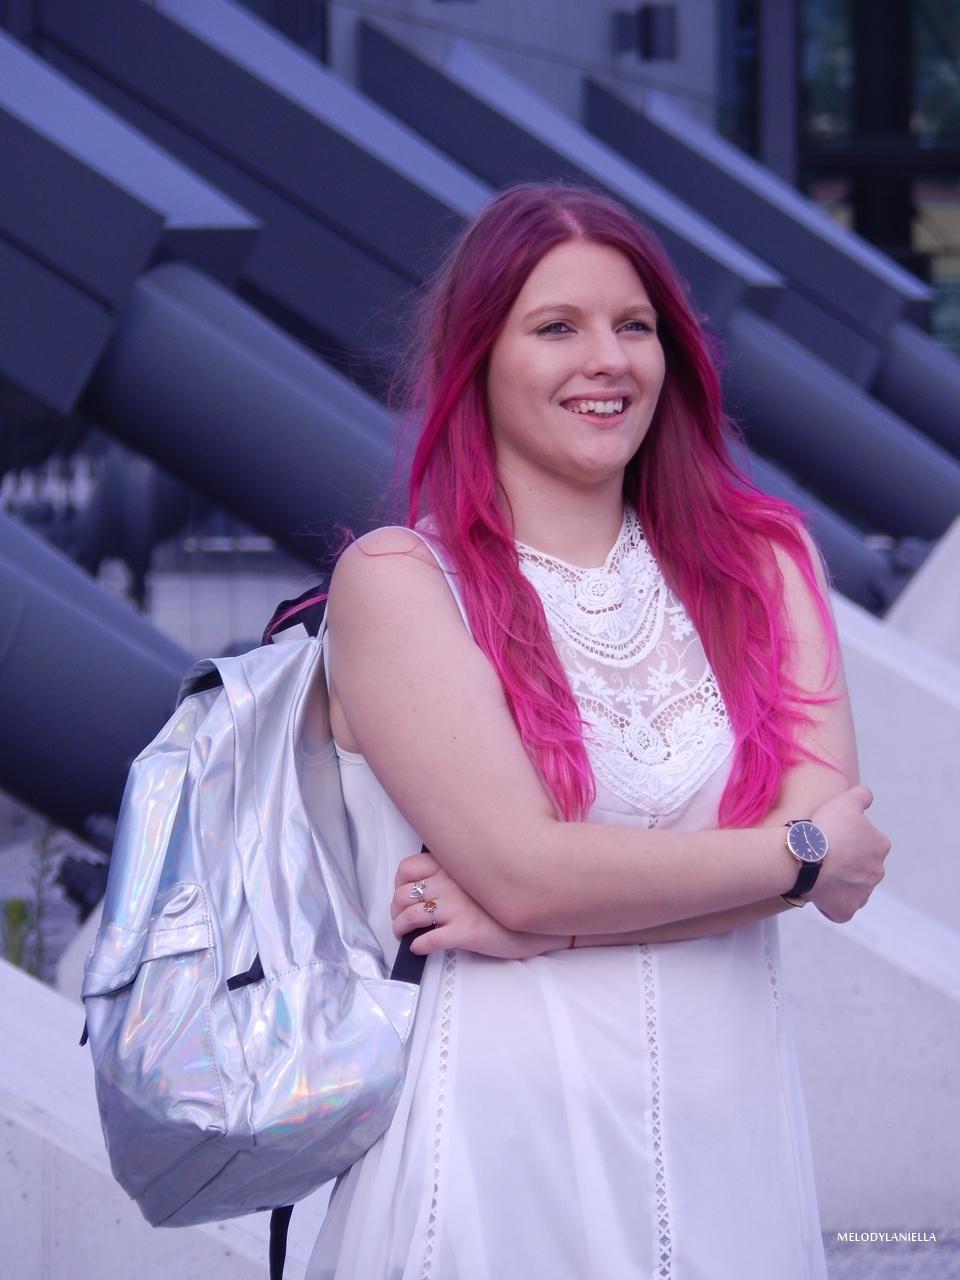 14 holograficzny plecak betterlook.pl farby venita różowe włosy jak pofarbować włosy kolorowe włosy ombre pink hair paul rich watches zegarek czarne jeansy z dziurami modna polka lookbook